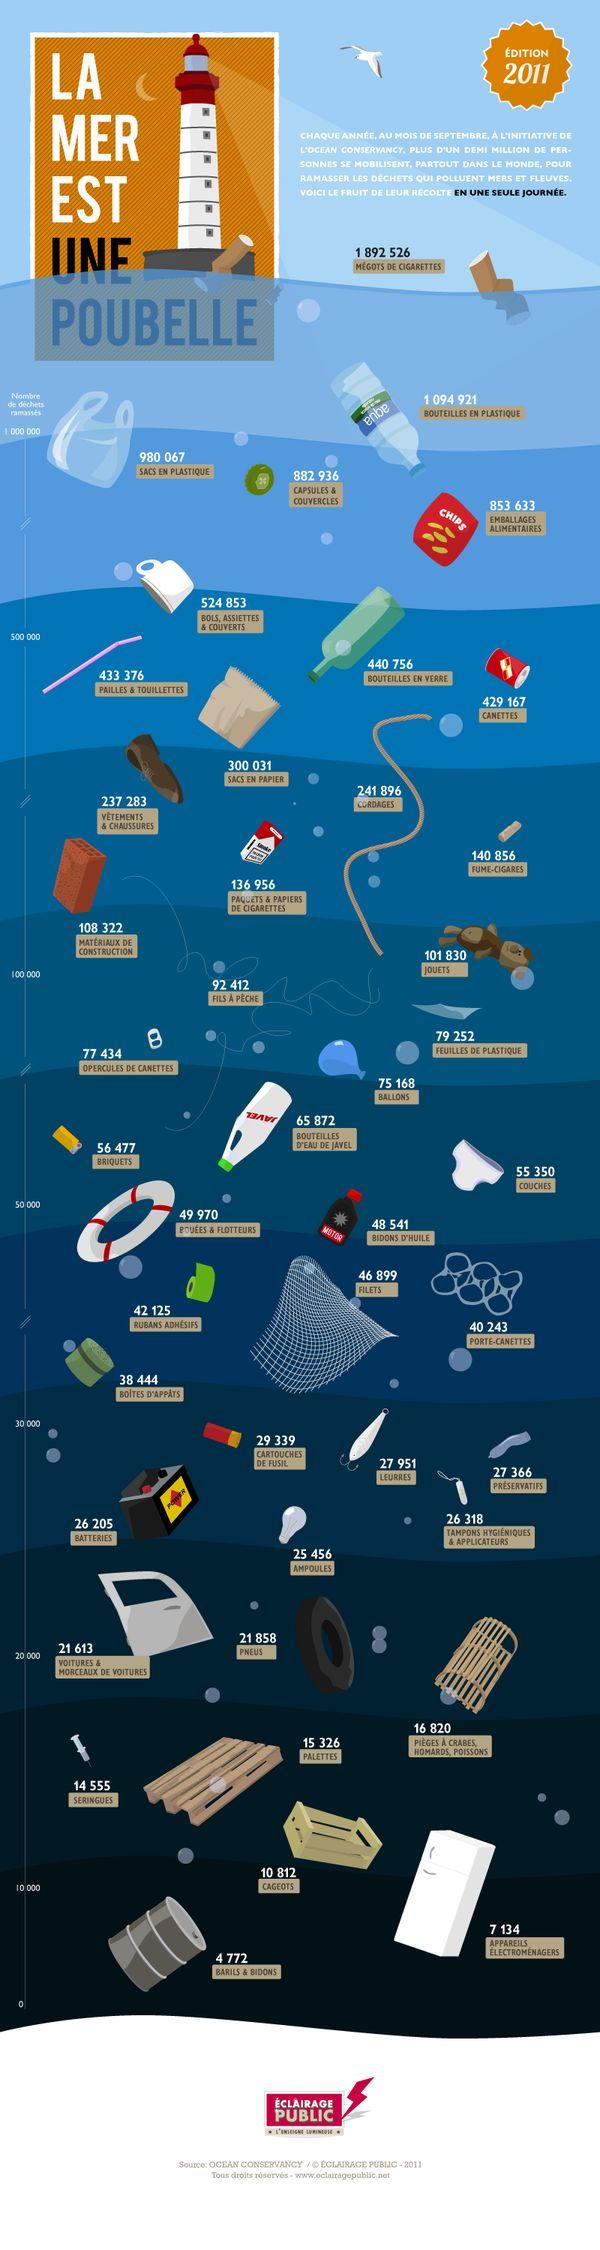 La mer est une poubelle :(